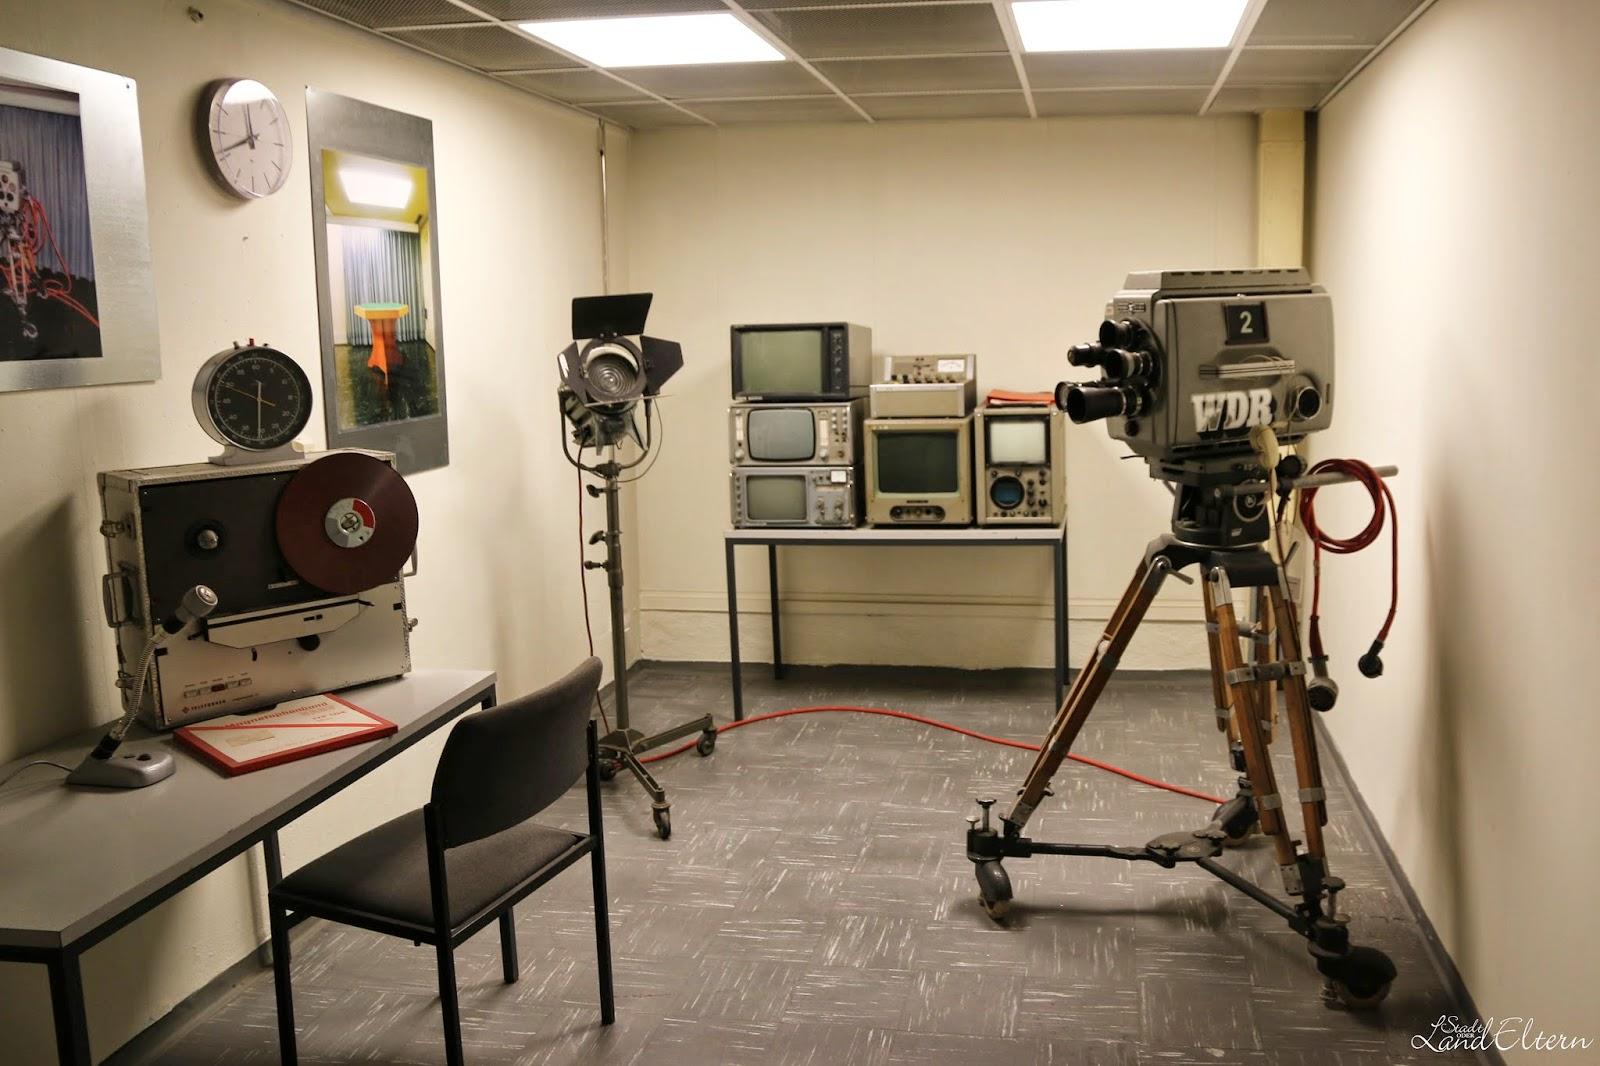 Dokumentationsstätte Regierungsstation Ahrweiler - Fernsehanstalt um Kontakt mit der Aussenwelt aufzunehmen